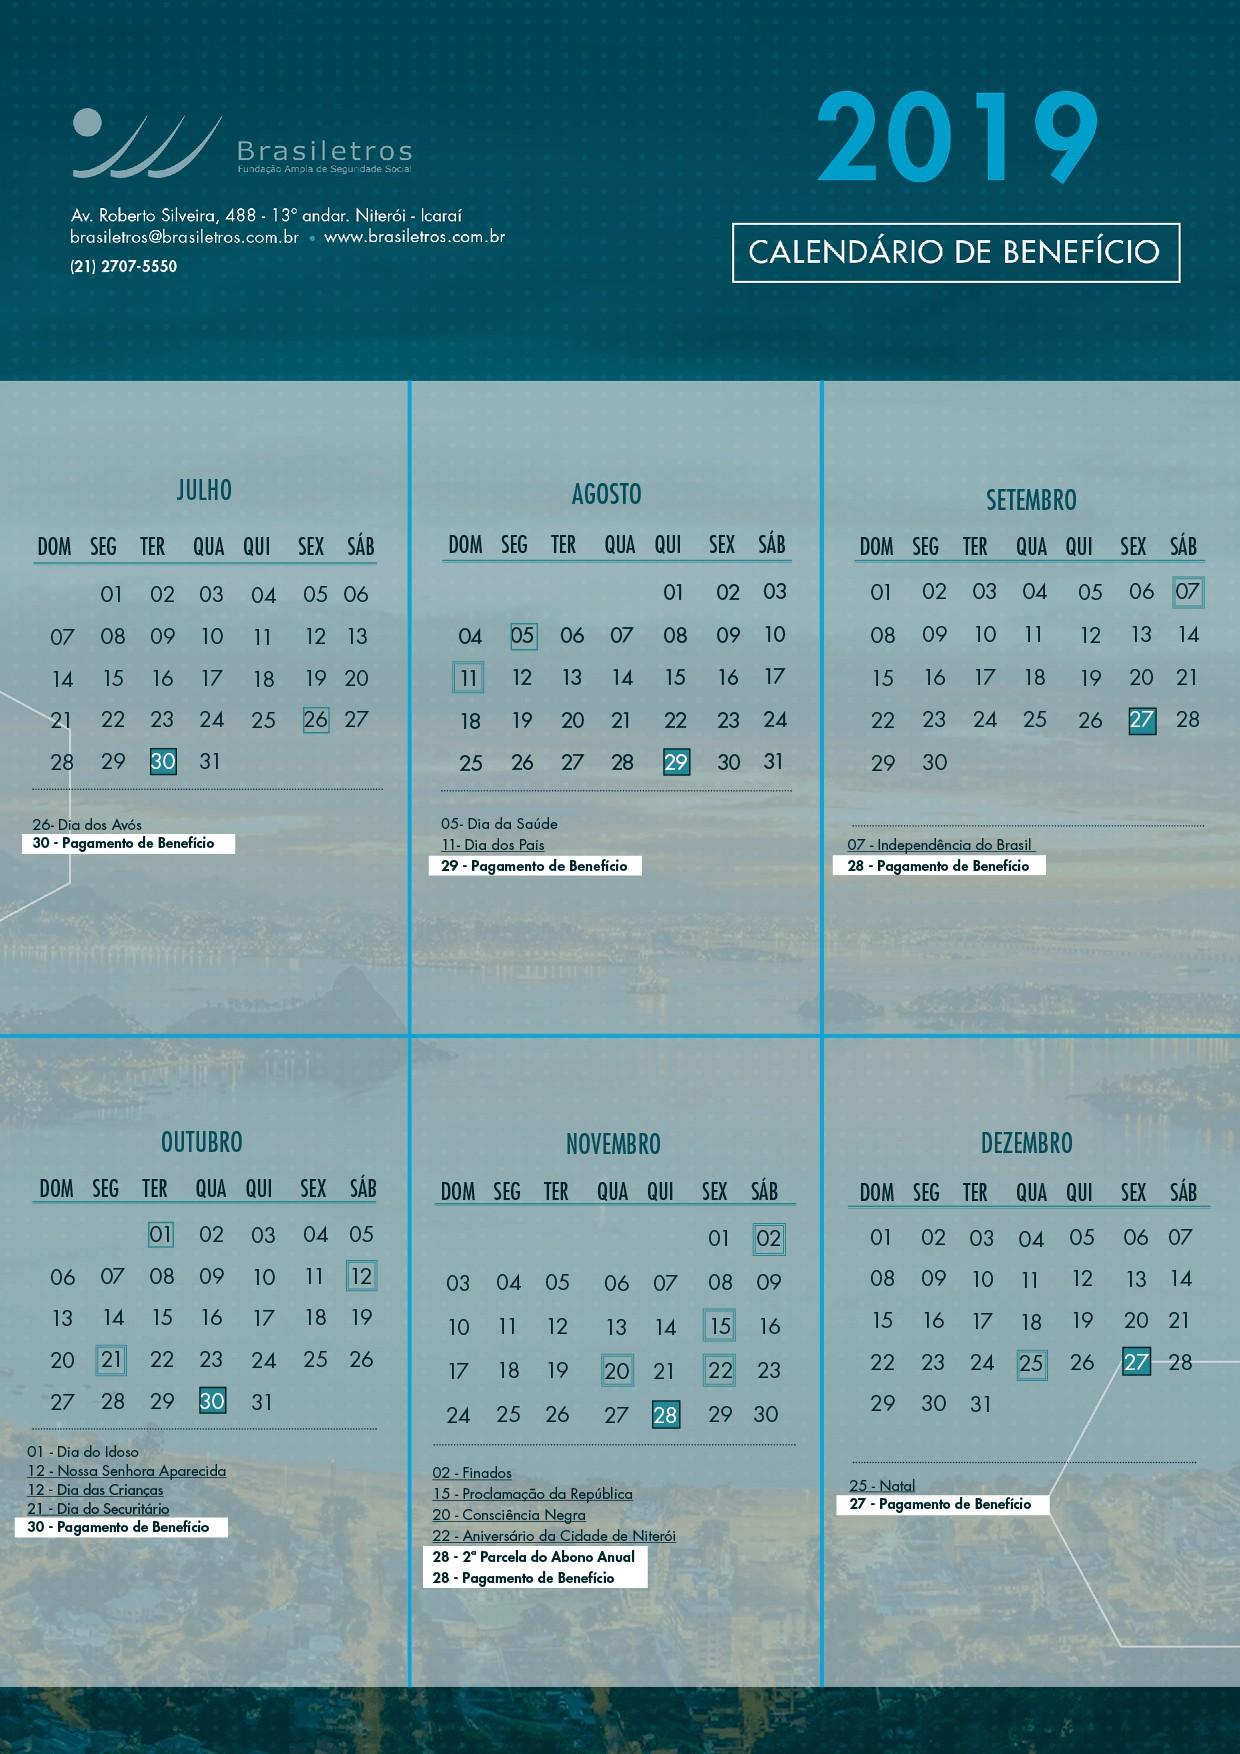 Calendário 2020 Com Feriados Nacionais Pdf Más Populares Calendario Financeiro 2019 Of Calendário 2020 Com Feriados Nacionais Pdf Más Recientemente Liberado Calendario Grande